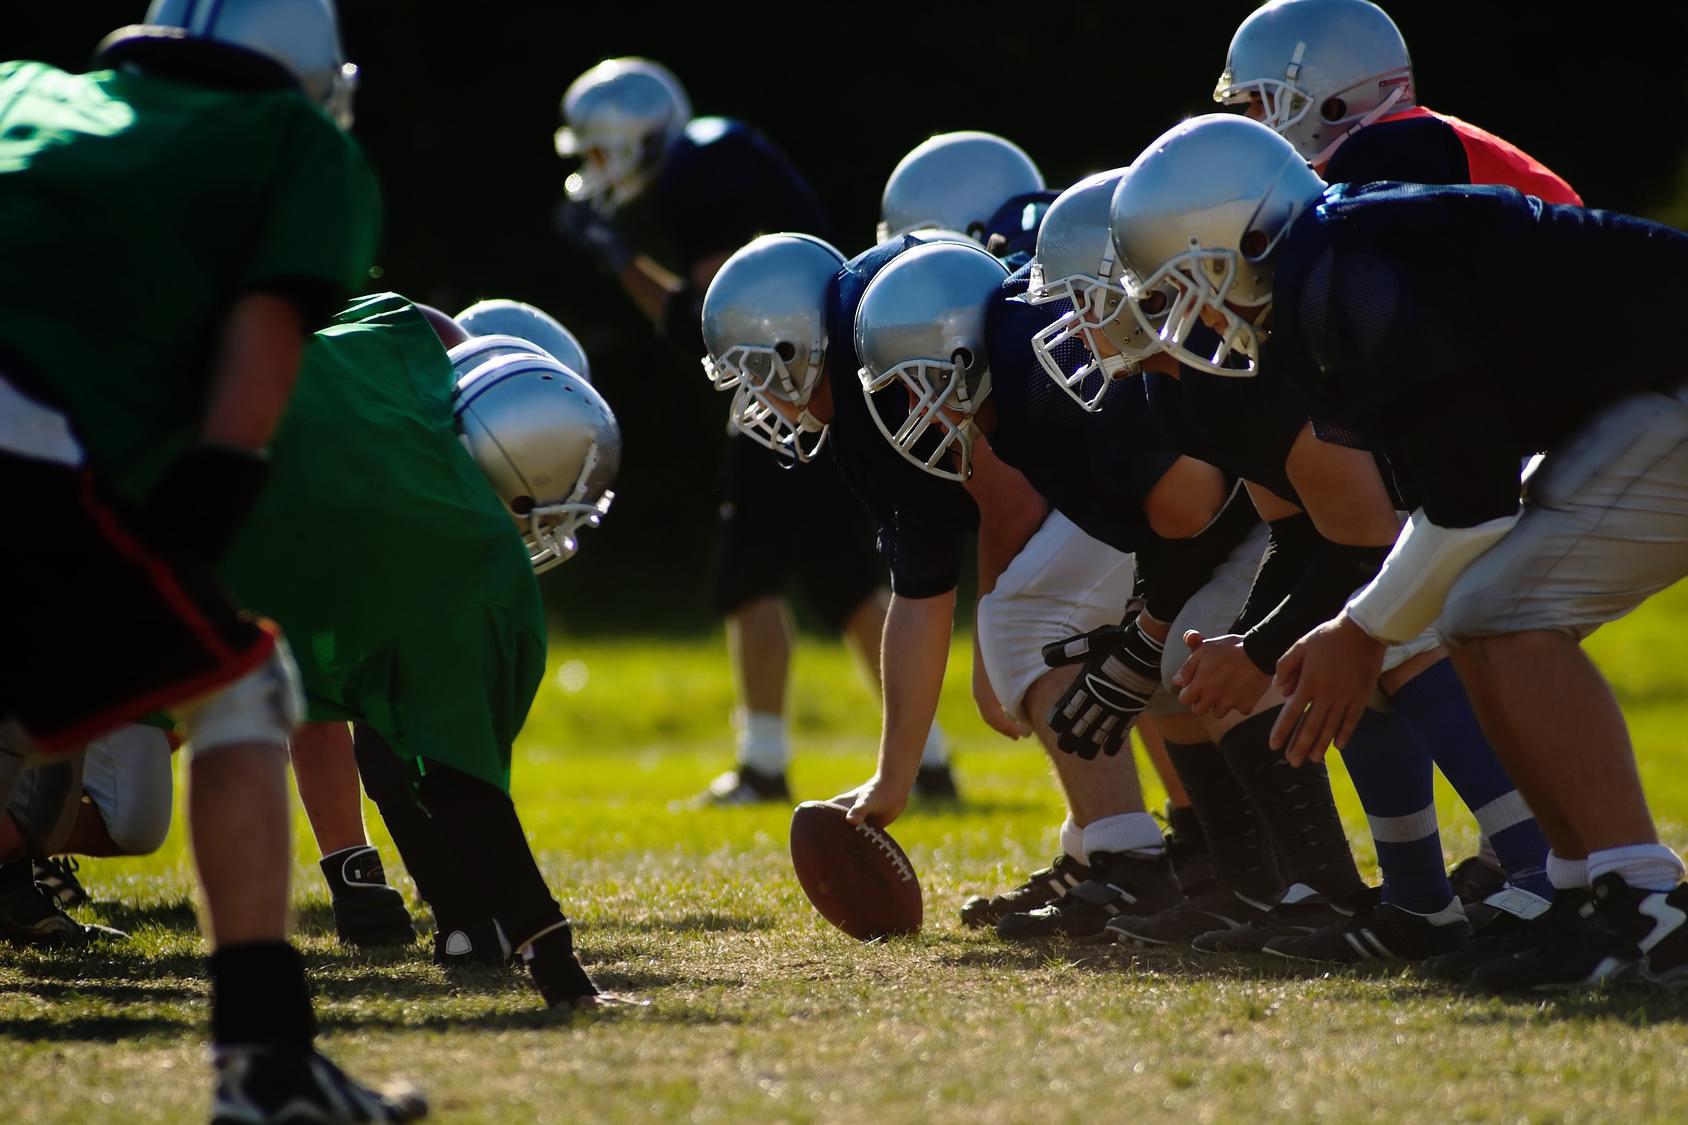 Photo de Twitter veut vendre ses spots publicitaires NFL pour plus de 50 millions de dollars